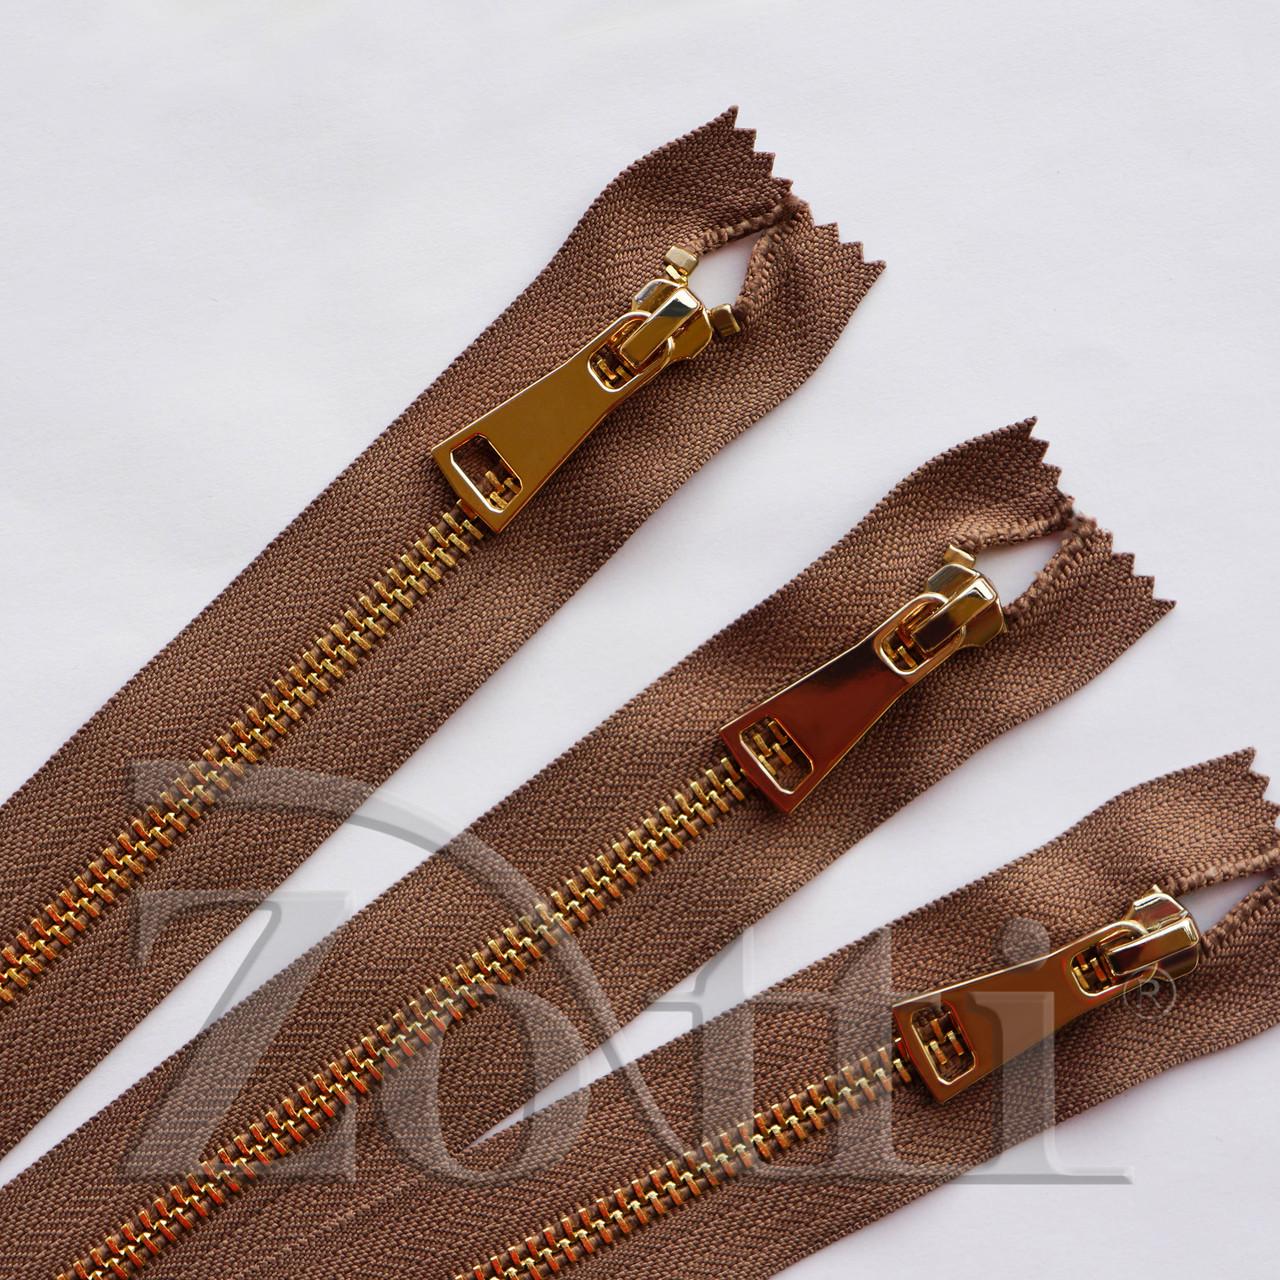 Молния (змейка,застежка) металлическая №5, размерная, обувная, коричневая, с золотым бегунком № 115 - 16 см